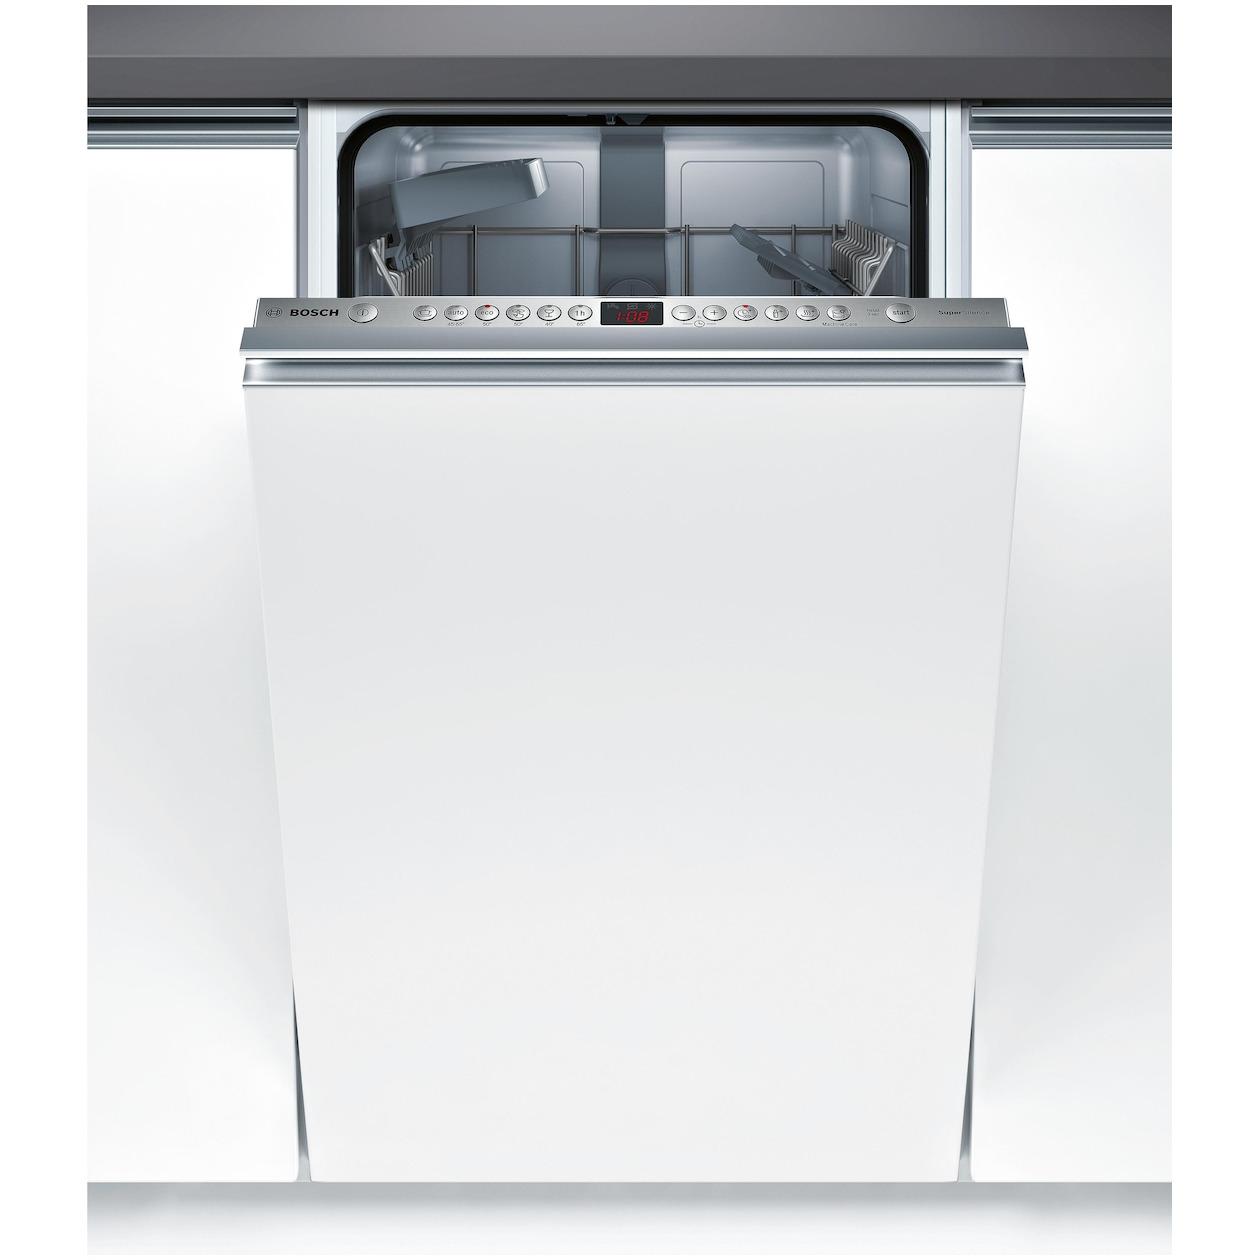 Bosch volledig geïntegreerde vaatwasser SPV46IX03E - Prijsvergelijk